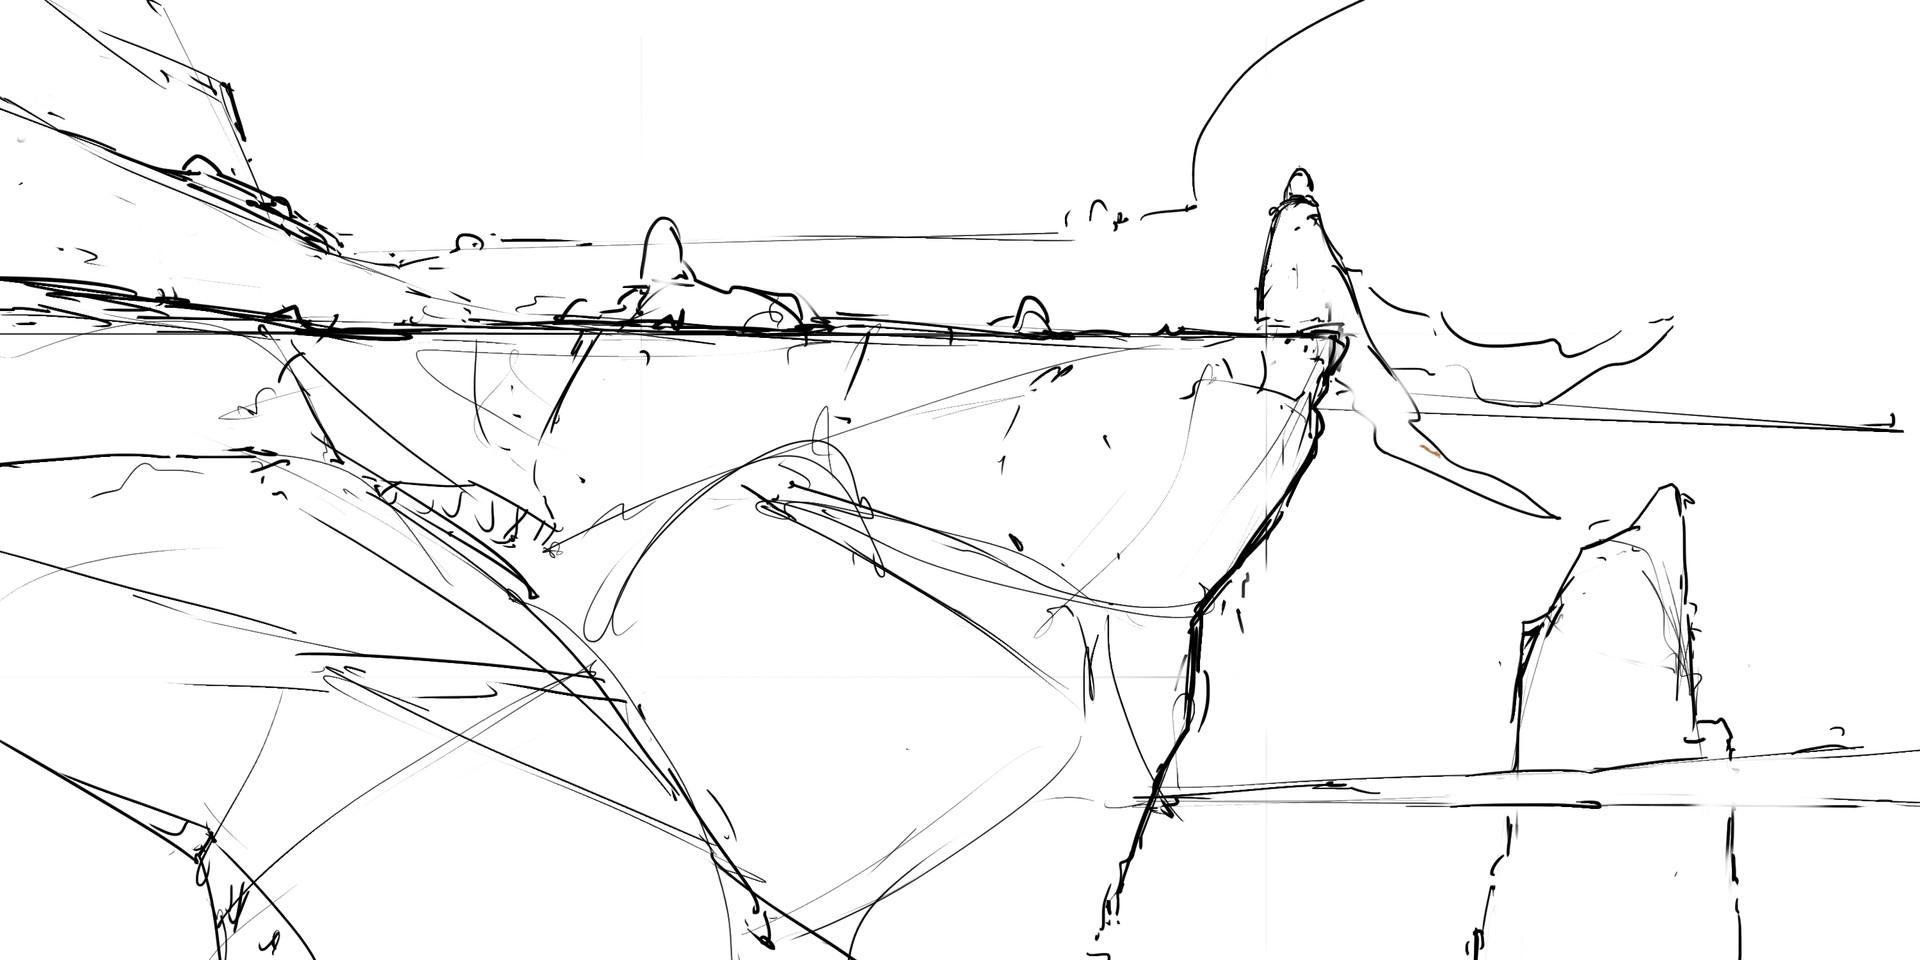 Max schiller 180307 edgeofthecliff graphicstyleexploration sketch